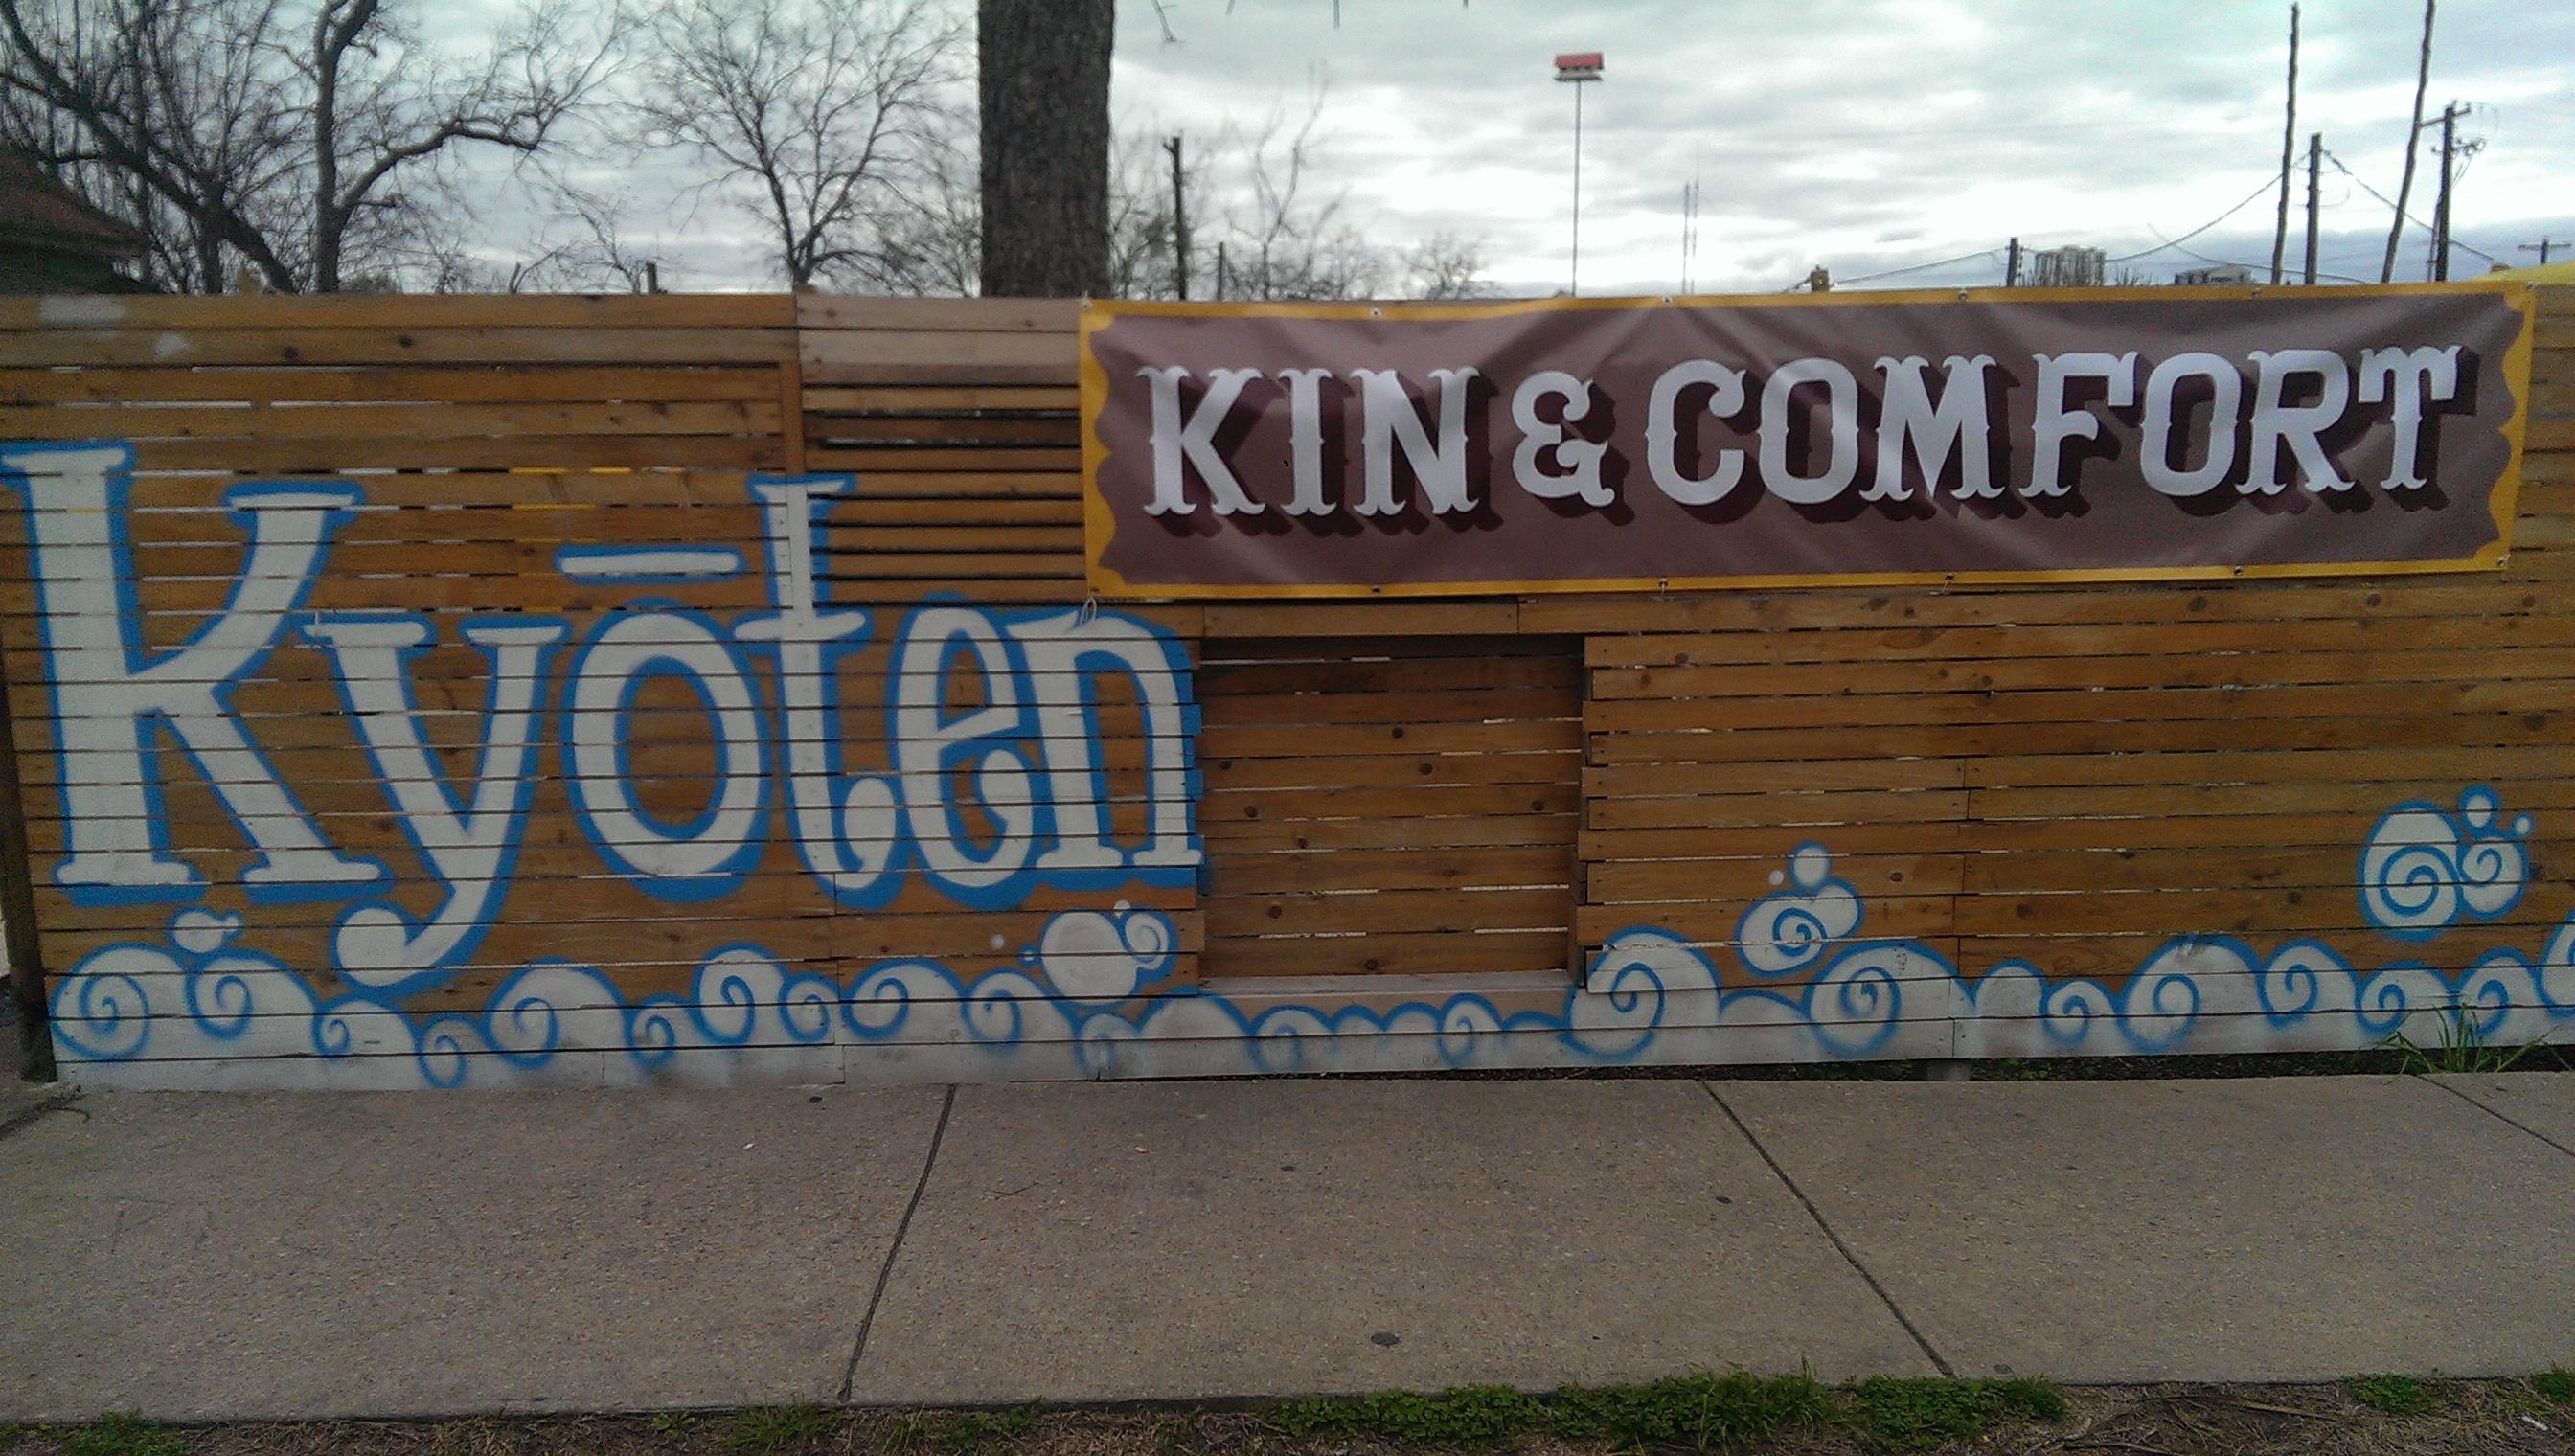 Kyoten and Kin & Comfort